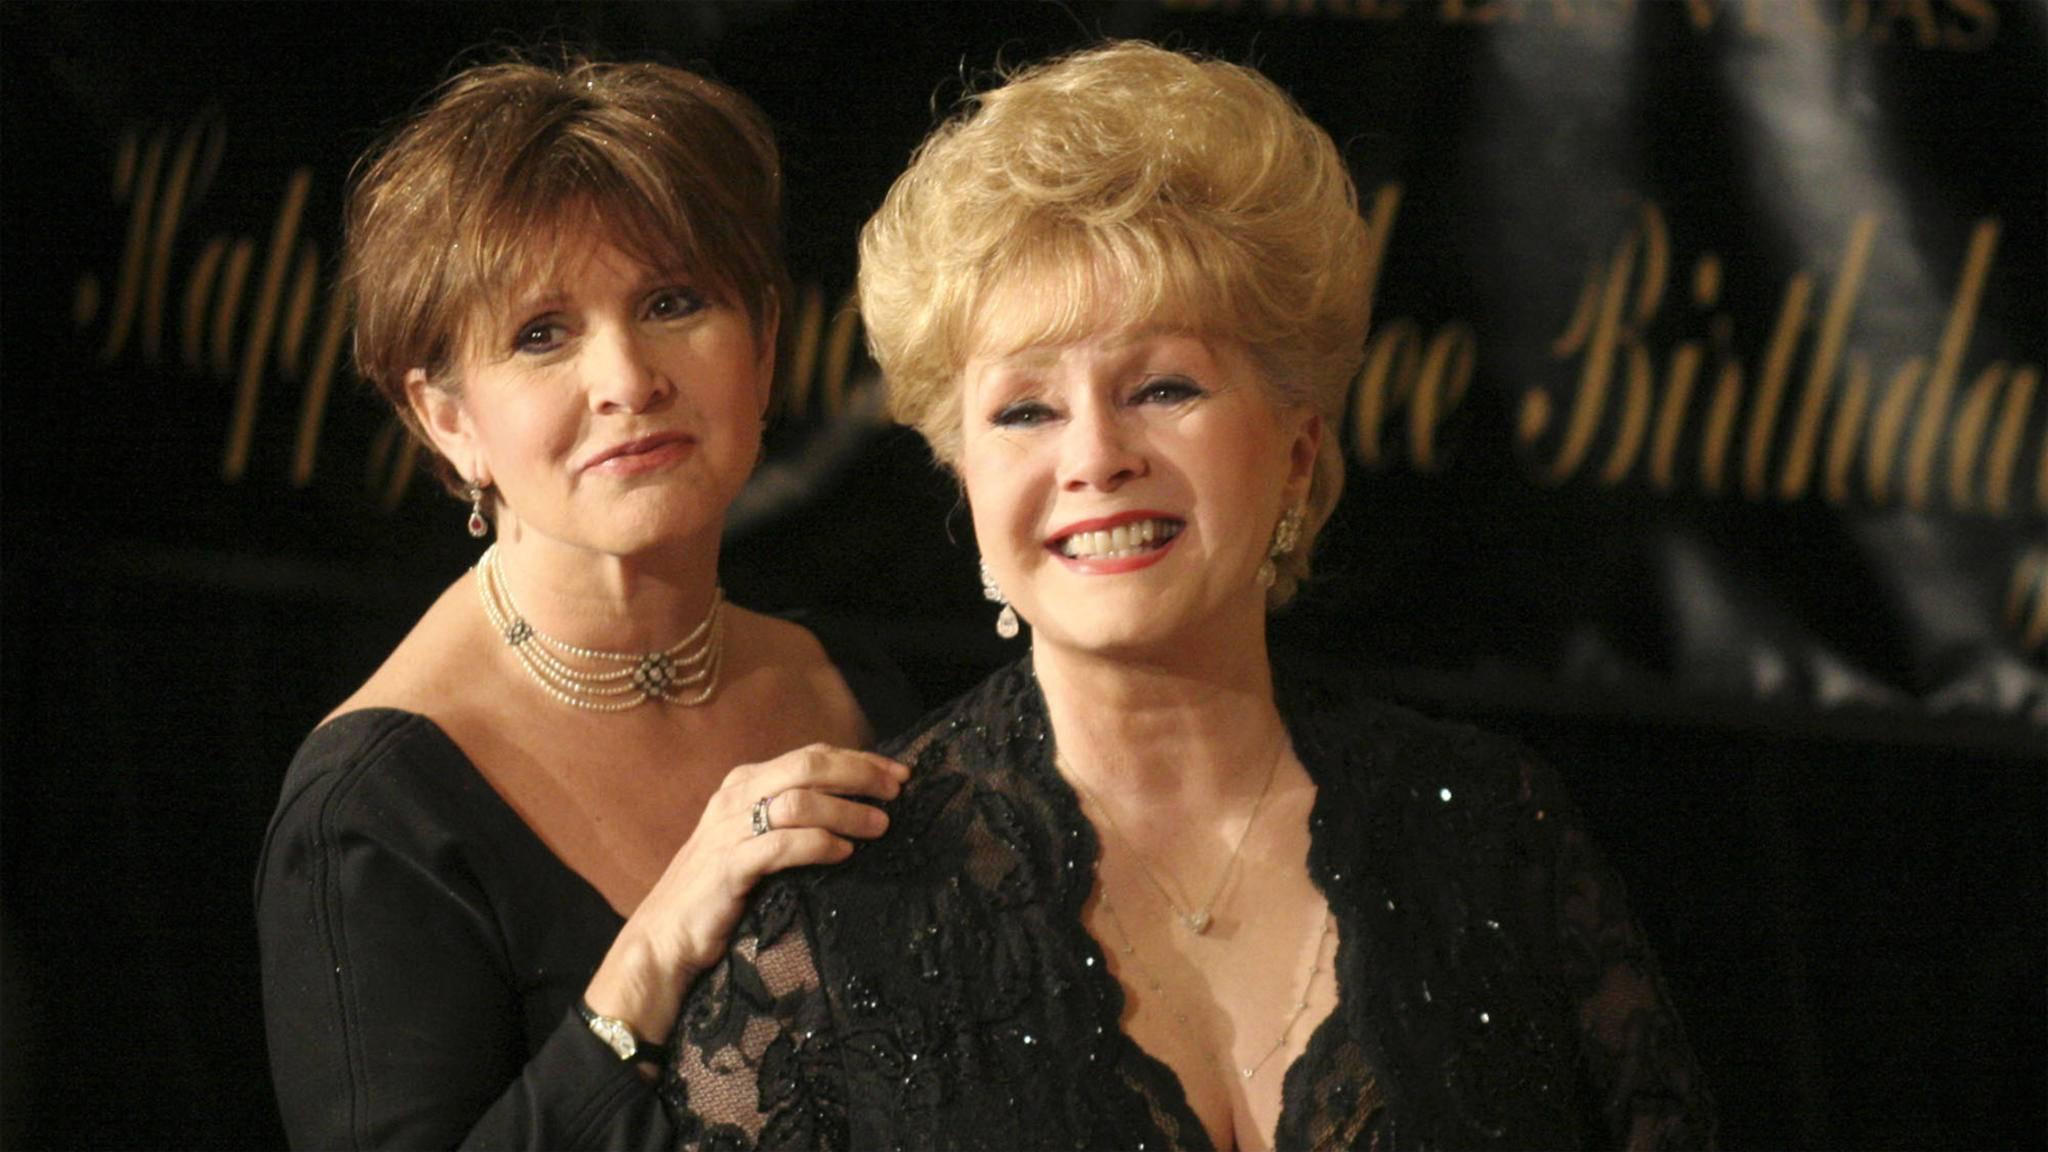 Ein tragischer Verlust: Nur einen Tag nach dem Tod von Carrie Fisher stirbt ihre Mutter Debbie Reynolds.